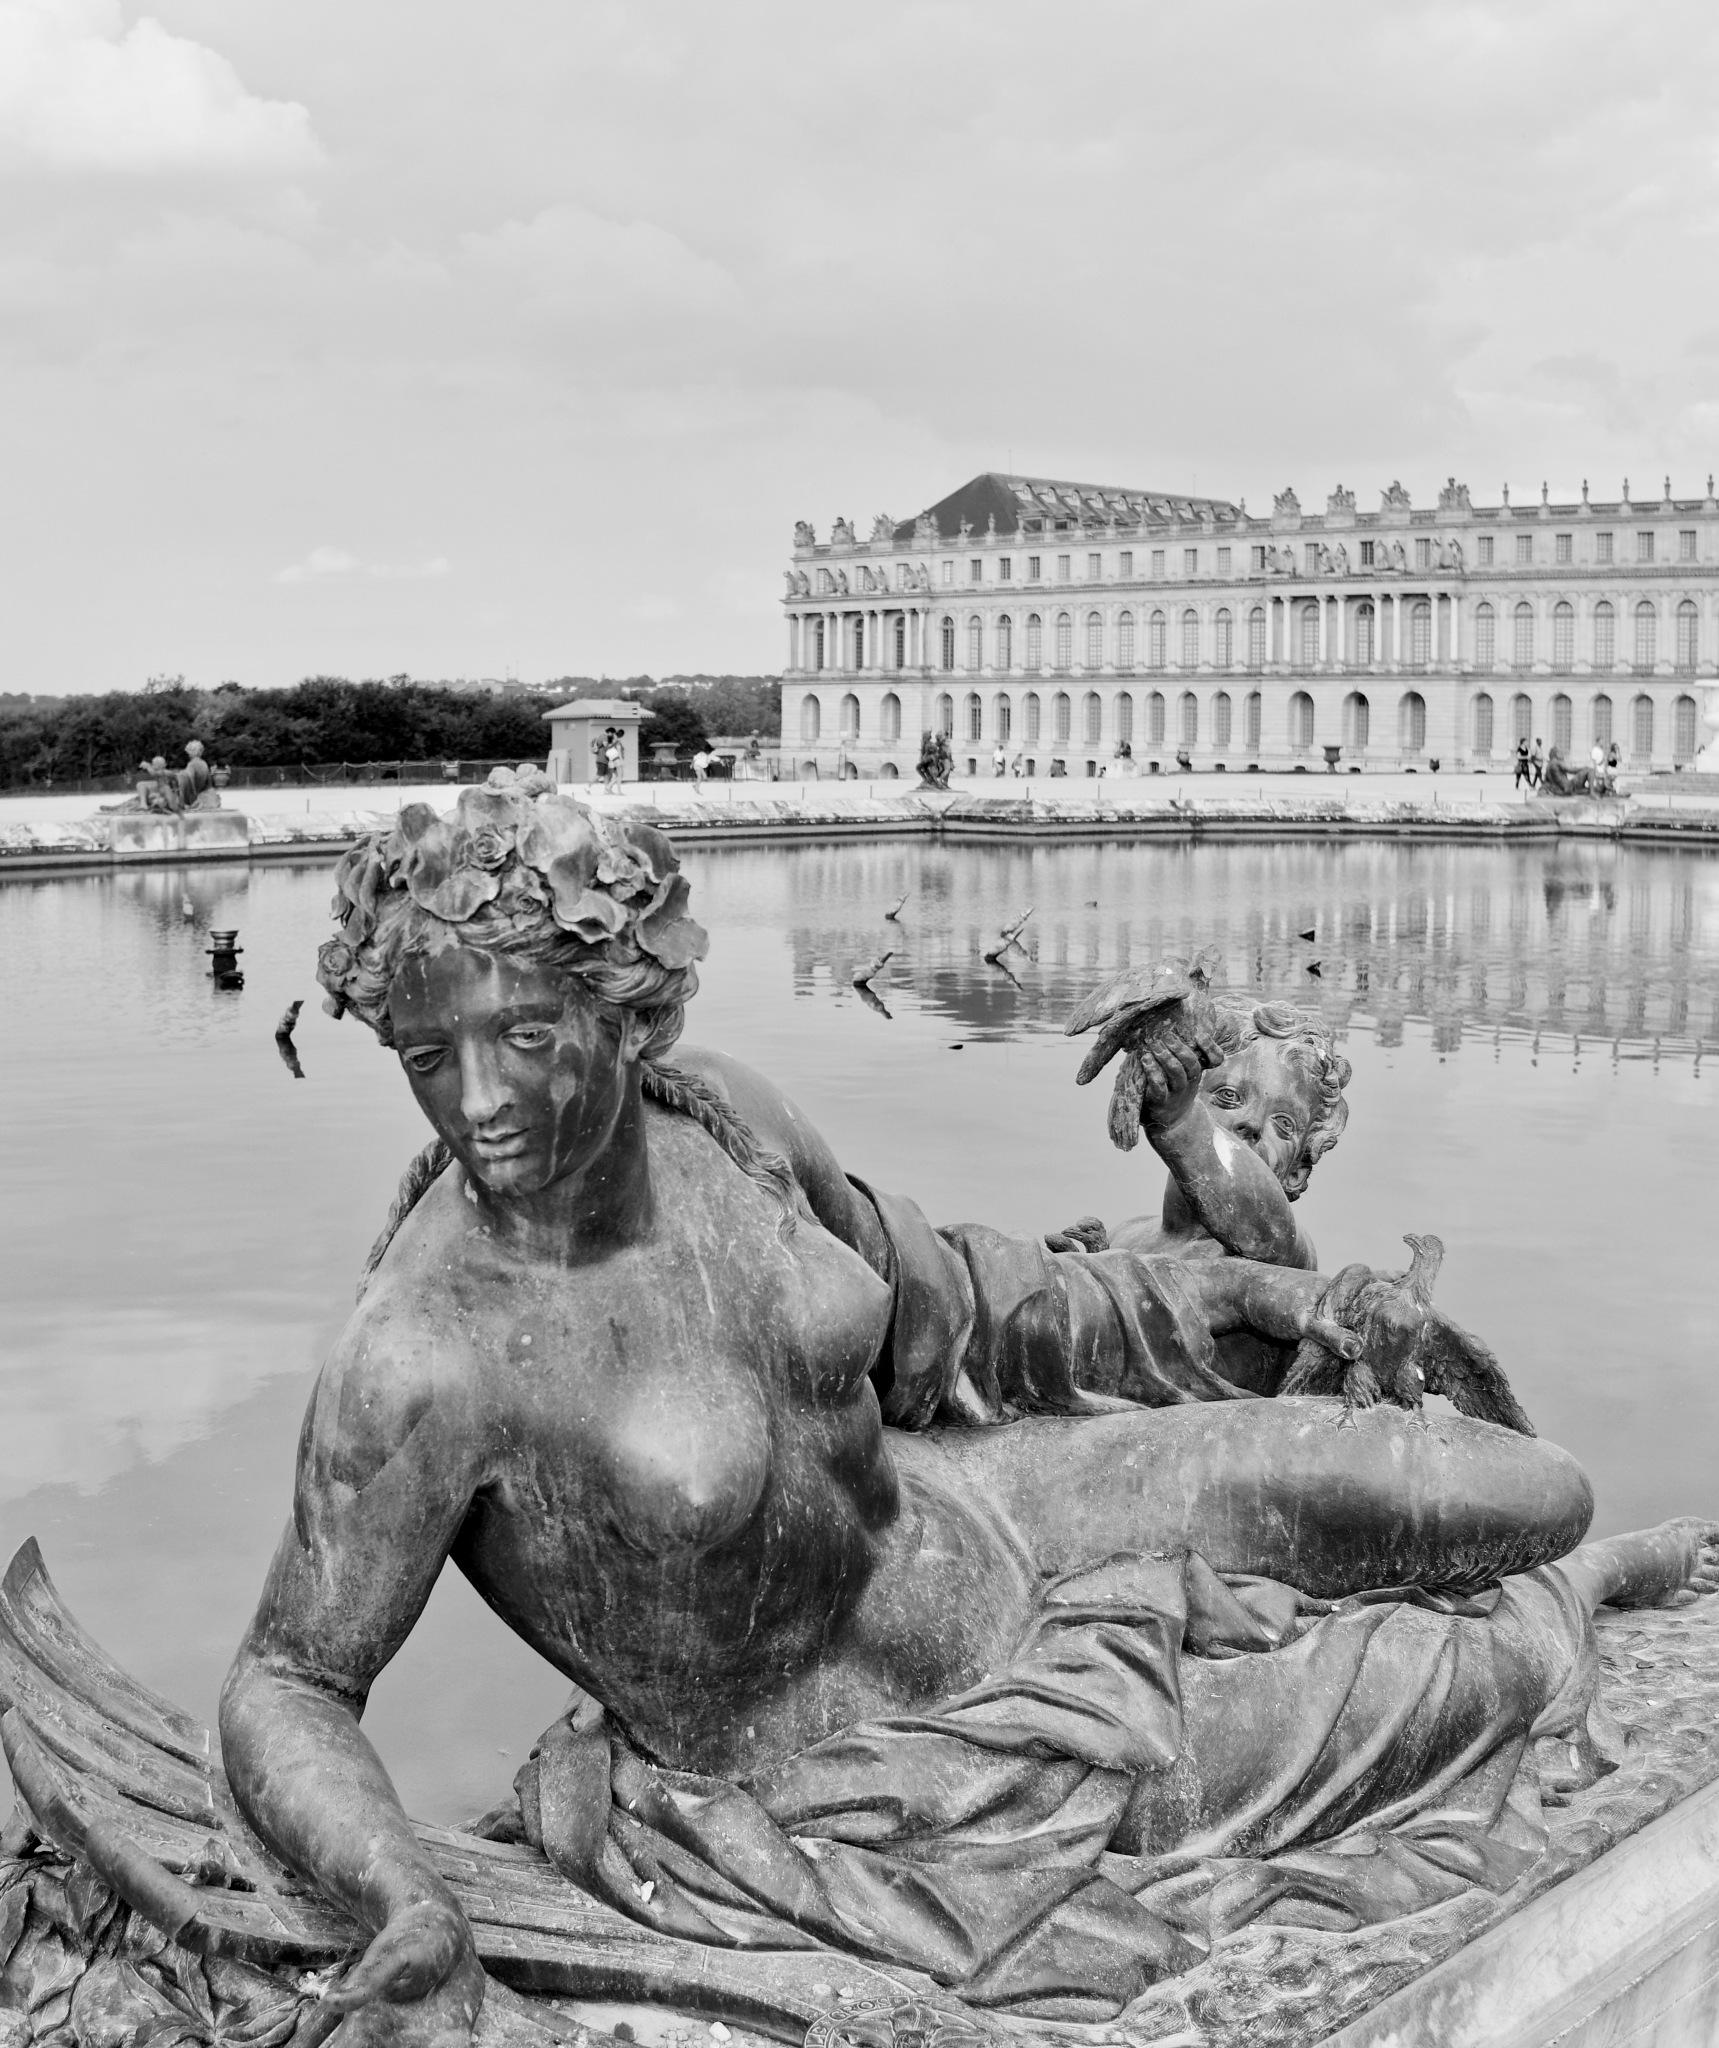 Château de Versailles by Aurélien Campéas